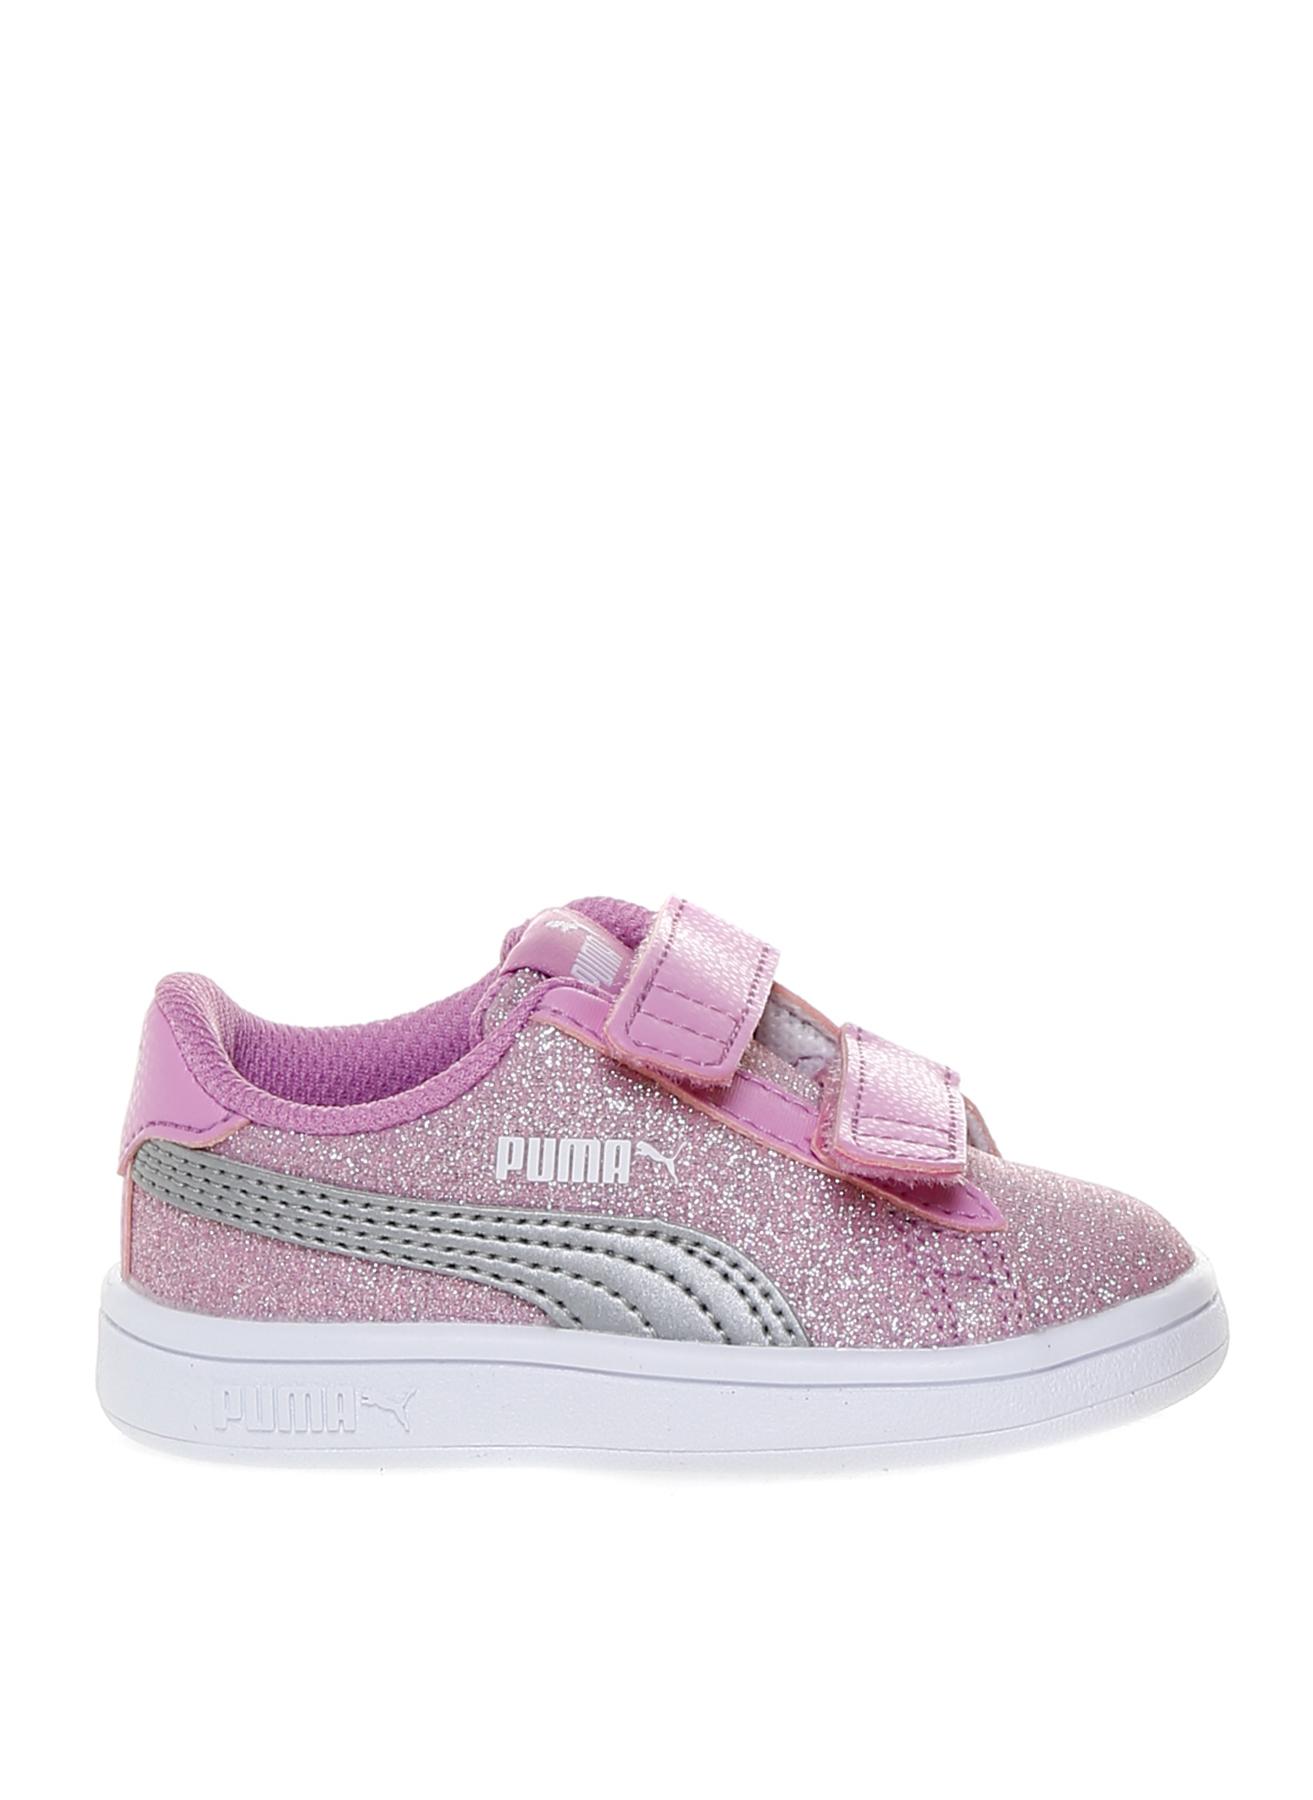 Puma Smash v2Glitz Glam V Inf Yürüyüş Ayakkabısı 21 5001697565002 Ürün Resmi